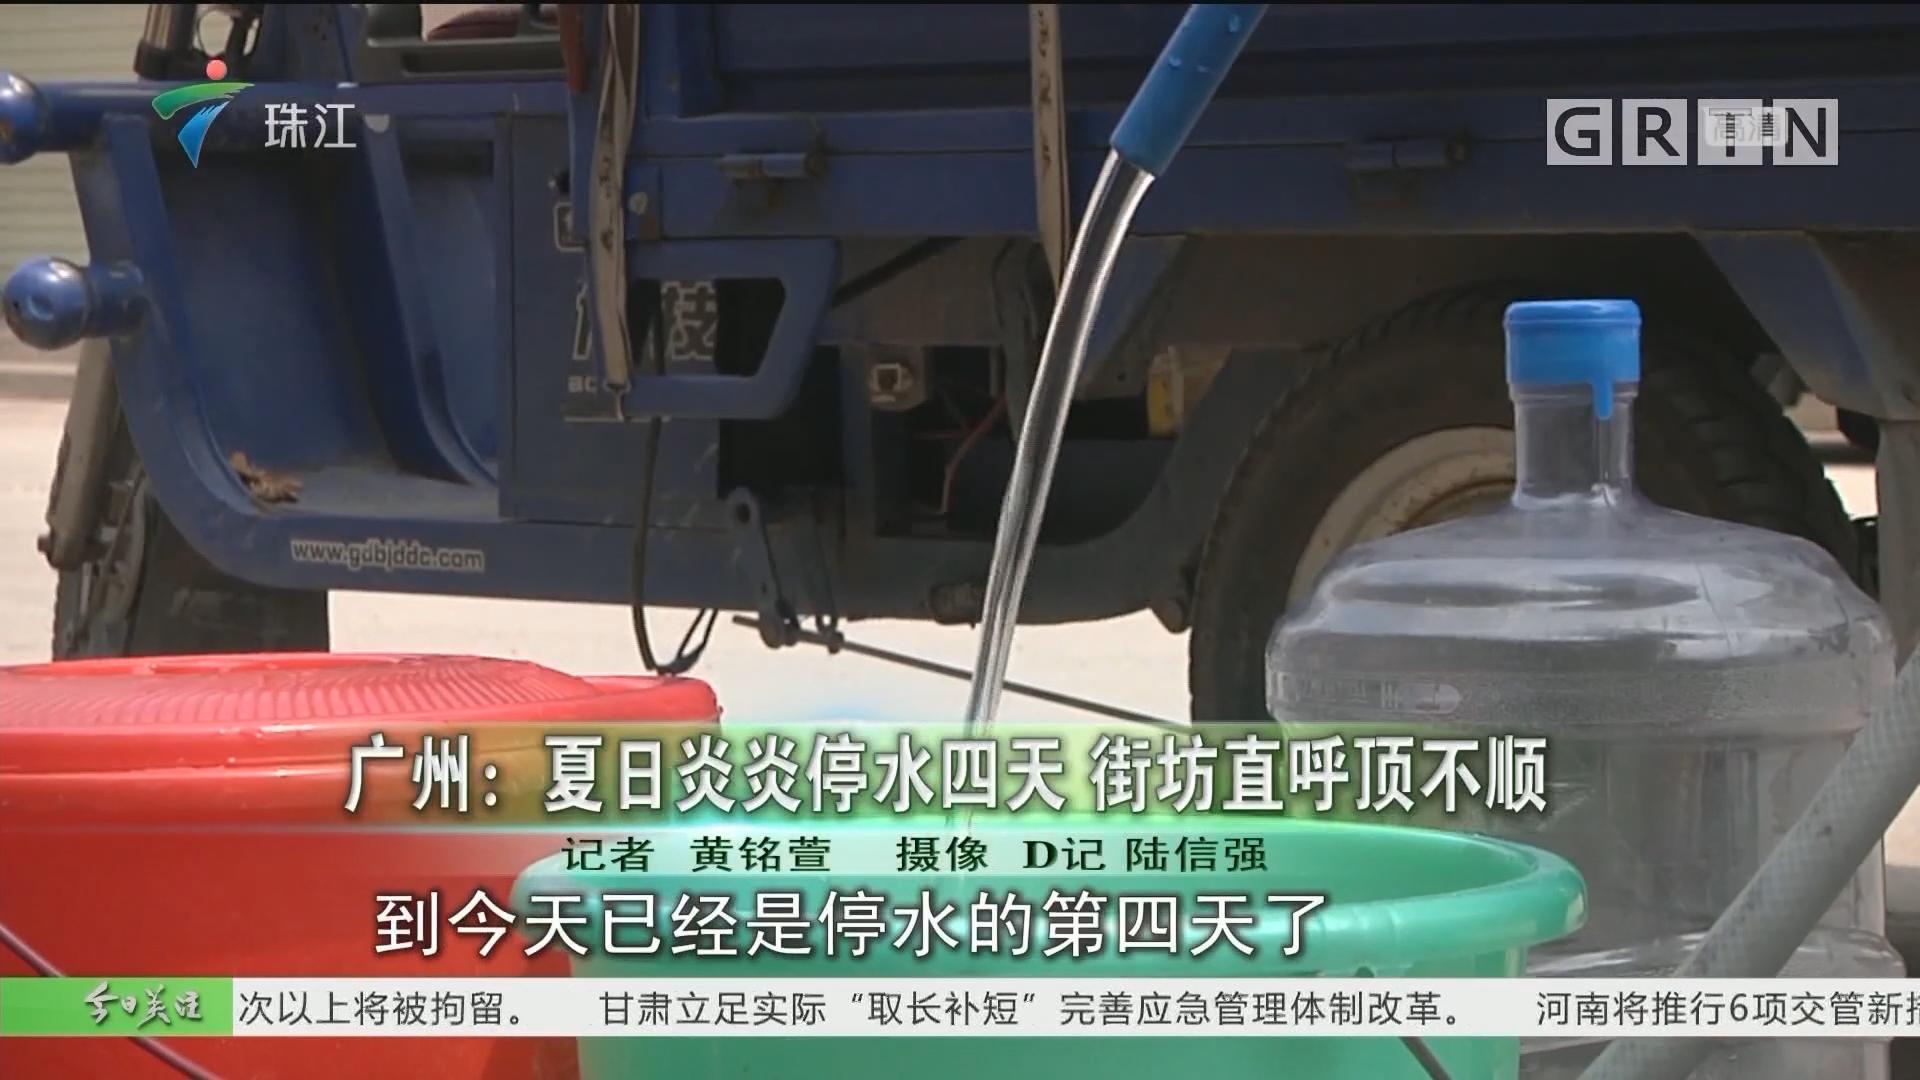 广州:夏日炎炎停水四天 街坊直呼顶不顺